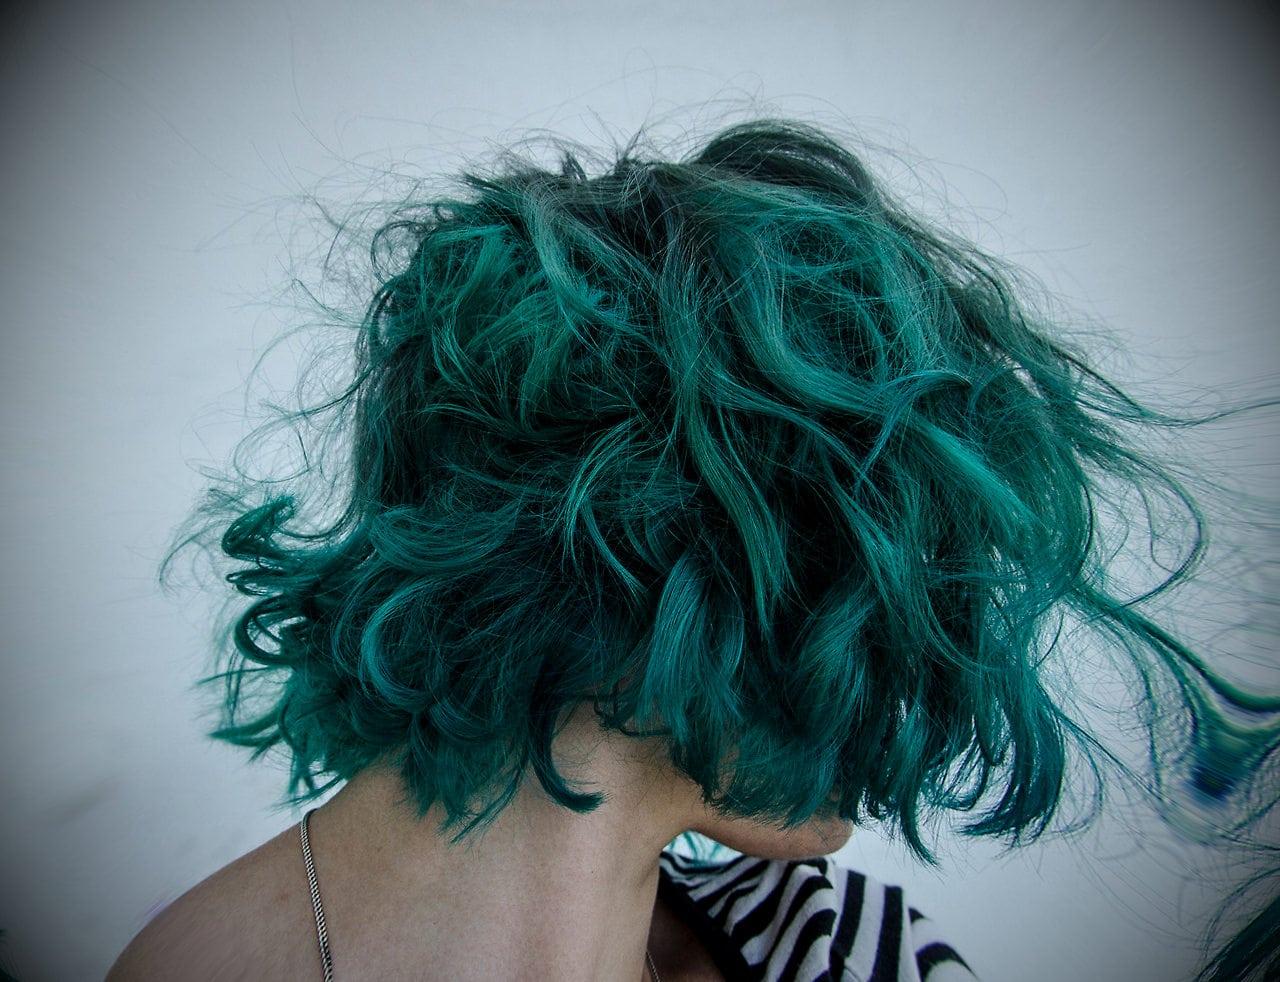 Почему люди не рождаются с синими или зелеными волосами?